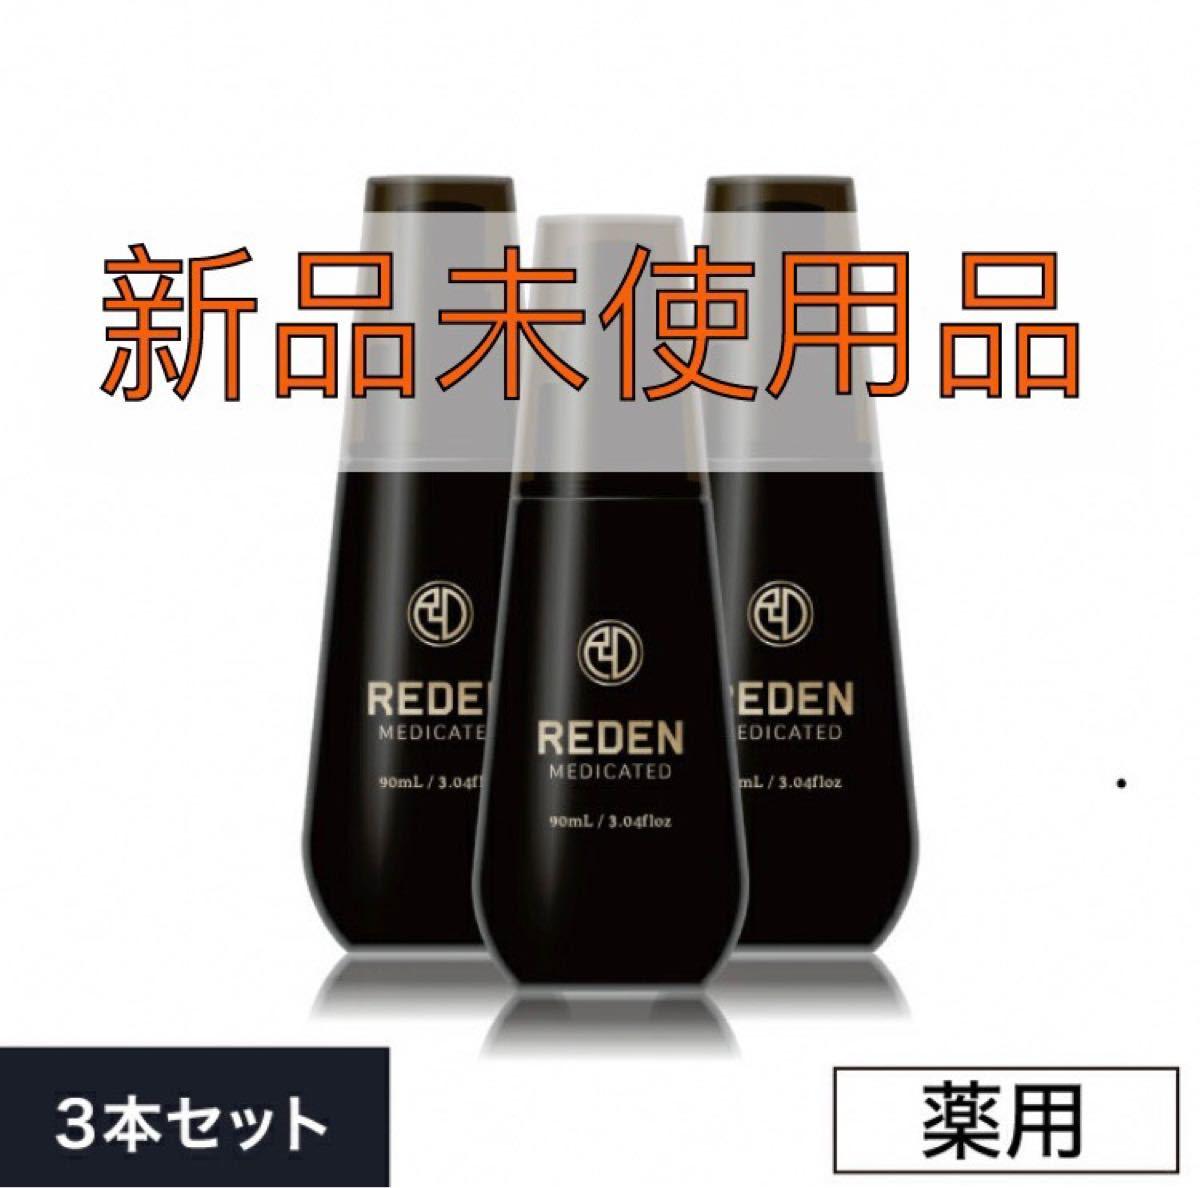 【新品未開封】REDEN リデン 3本セット 薬用育毛剤